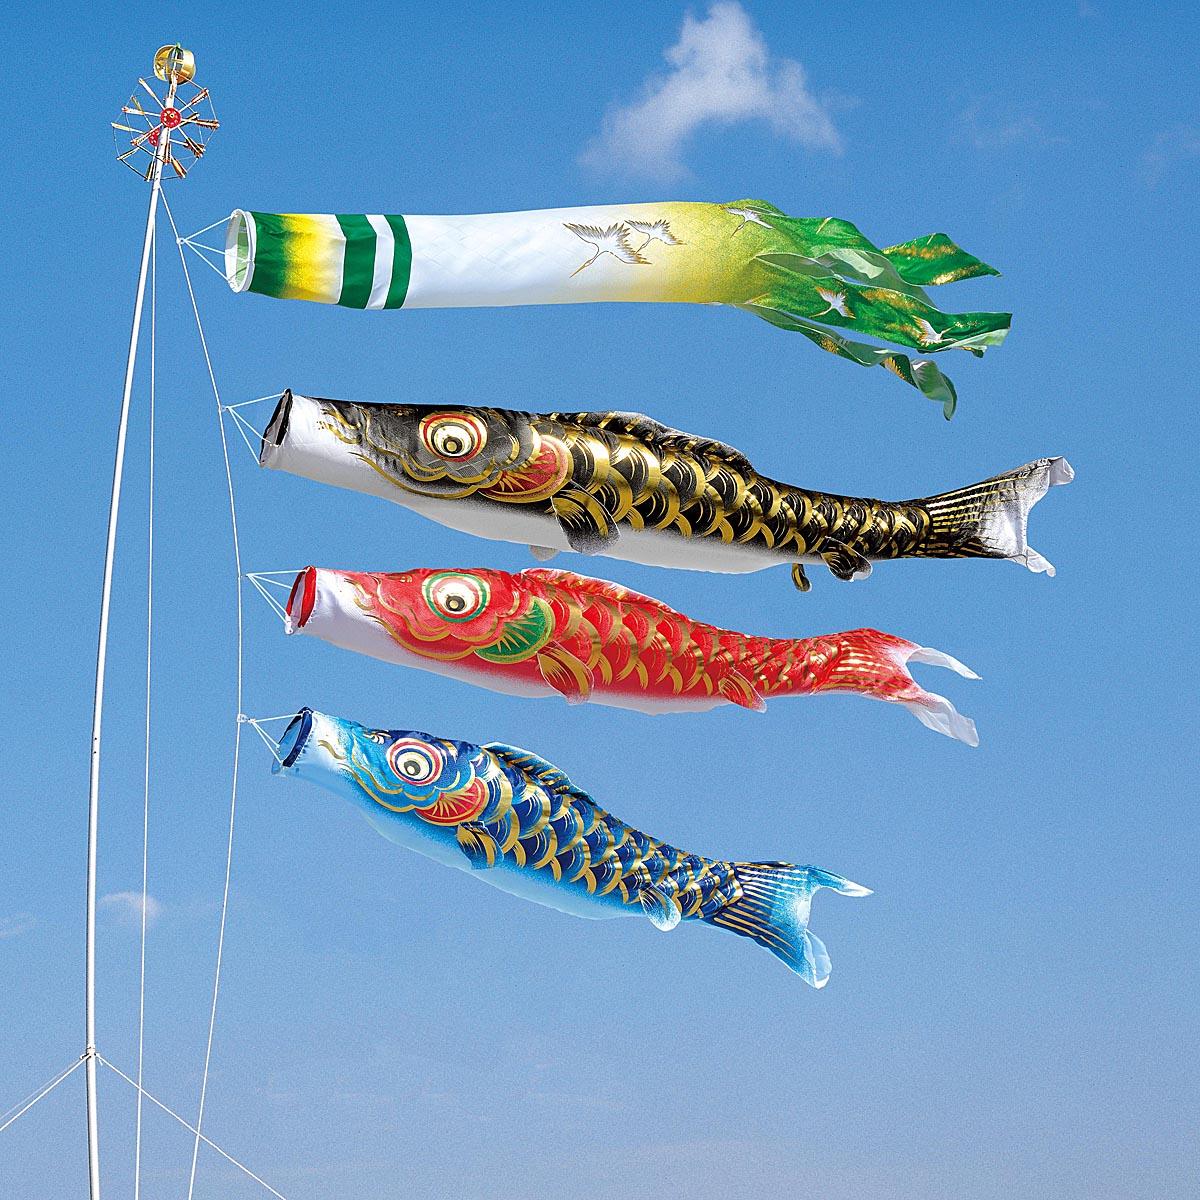 こいのぼり 庭用 凛風 2m 6点 (矢車、ロープ、吹流し、鯉3匹) シンプルガーデンセット ダイヤ鯉 KOD-SG-734366